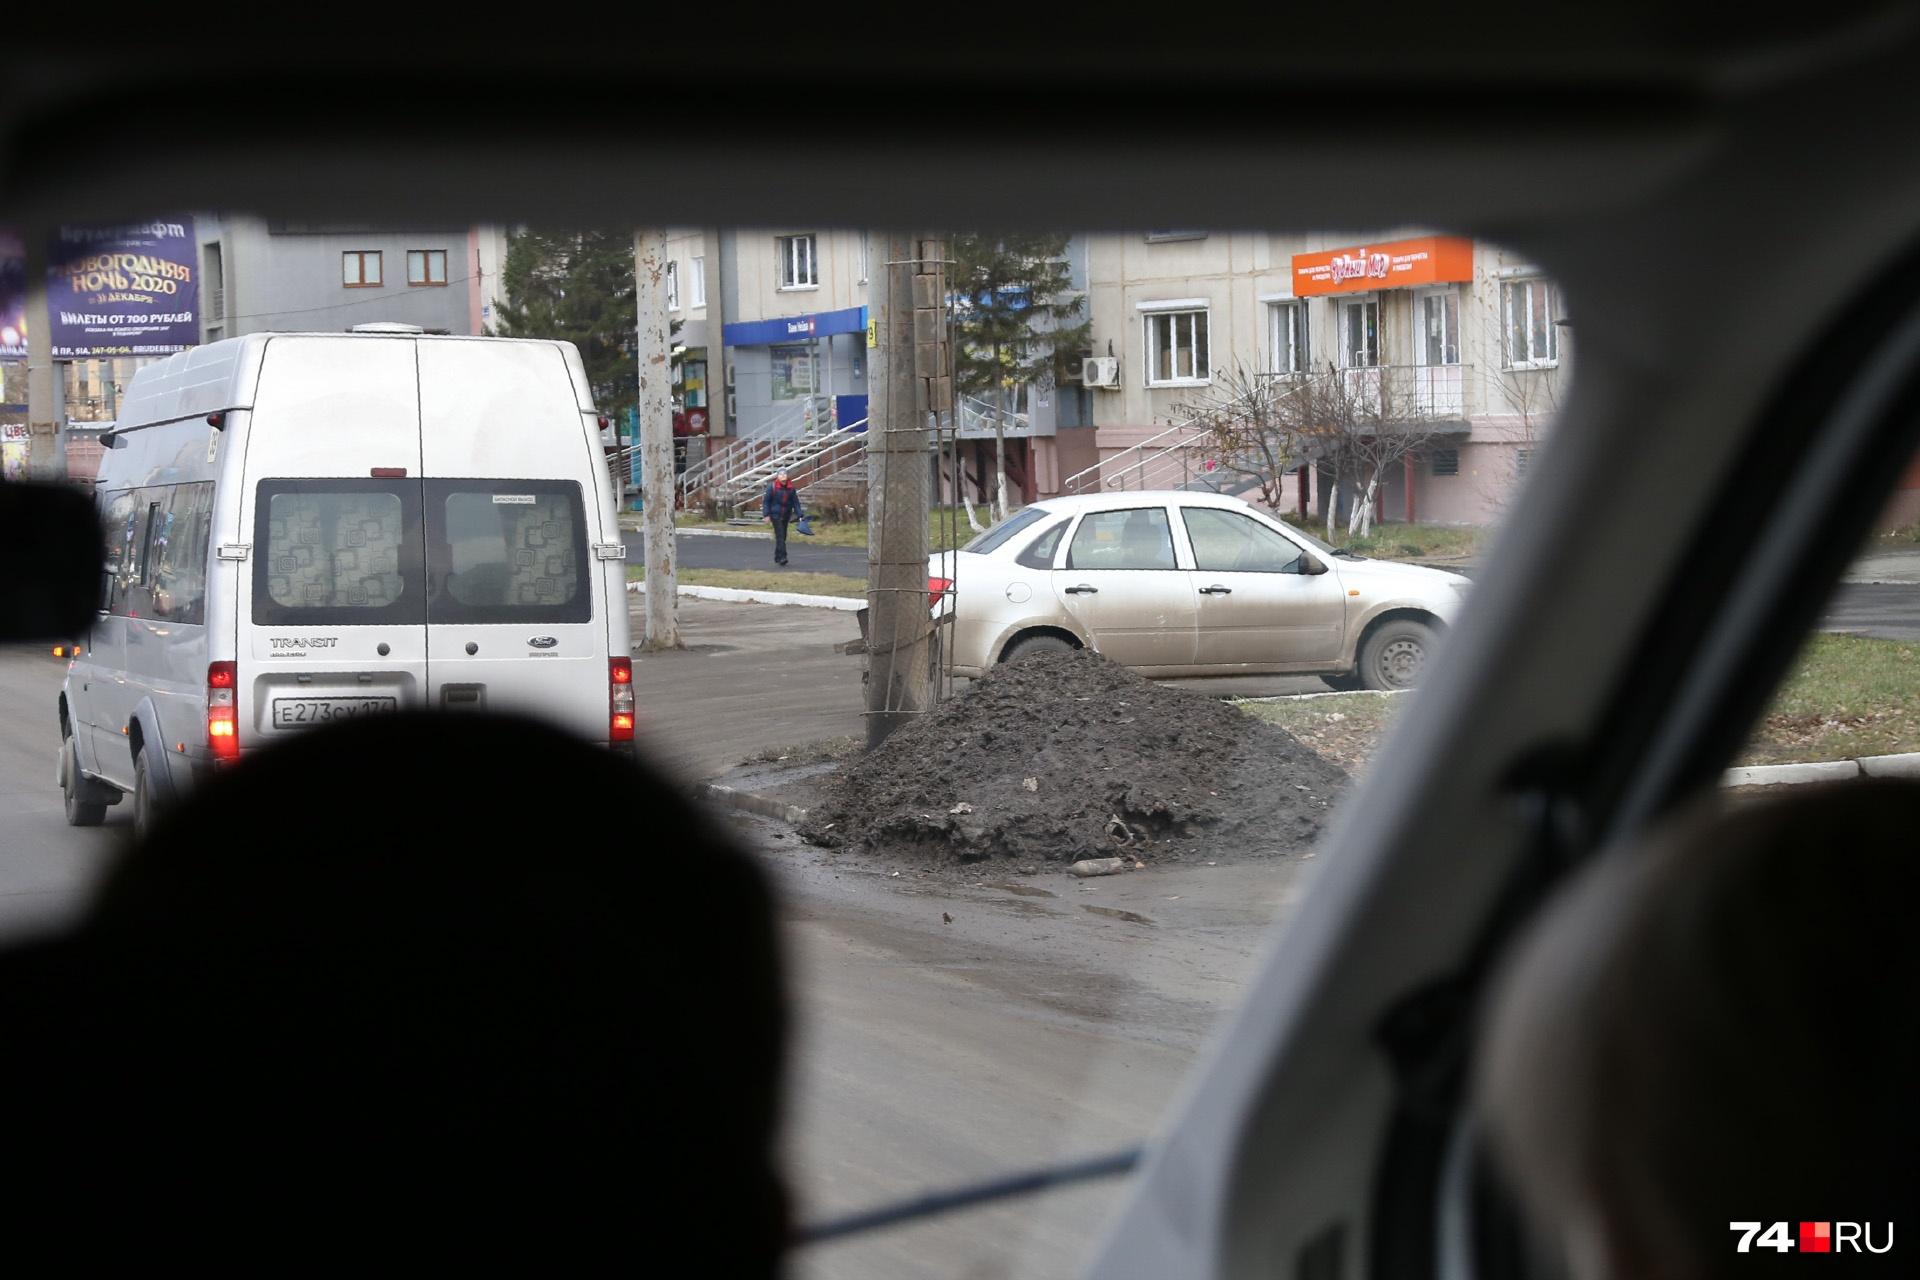 Отправляемся к следующему объекту — на Комсомольском проспекте. Вдоль дороги встречаются «тефтелевы кучи», но сегодня не они главные герои дня